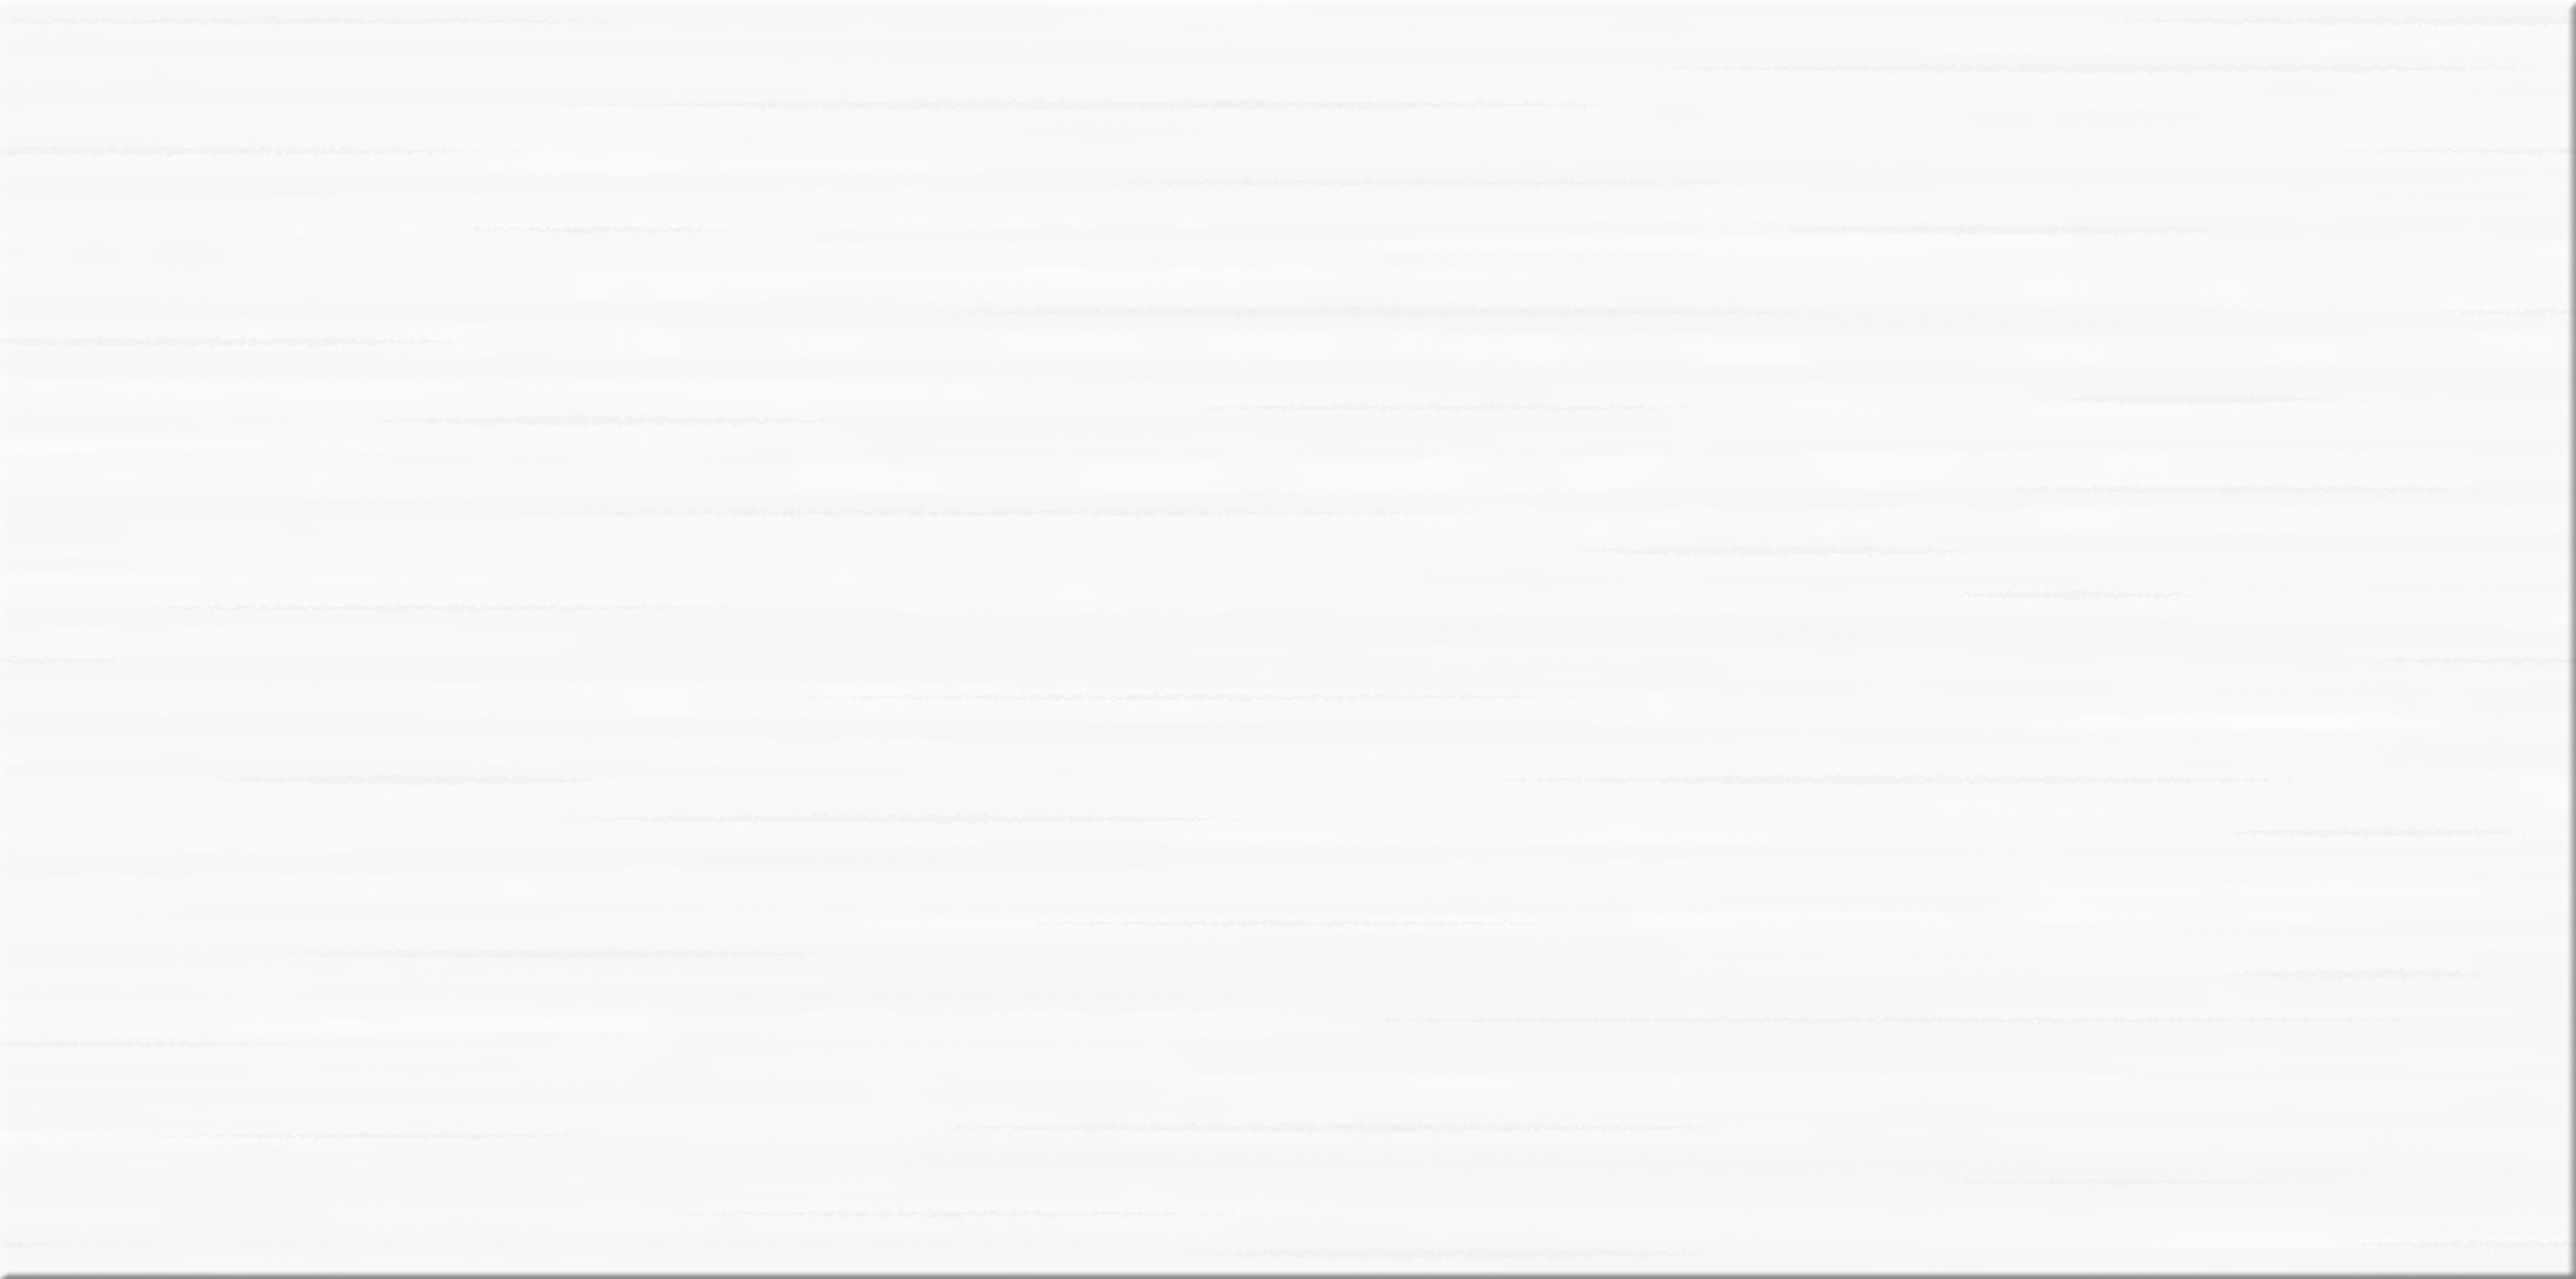 Röhn seidenmatt gestreift RHN91A 30x60x0,8 II sort - Hansas Plaadimaailm